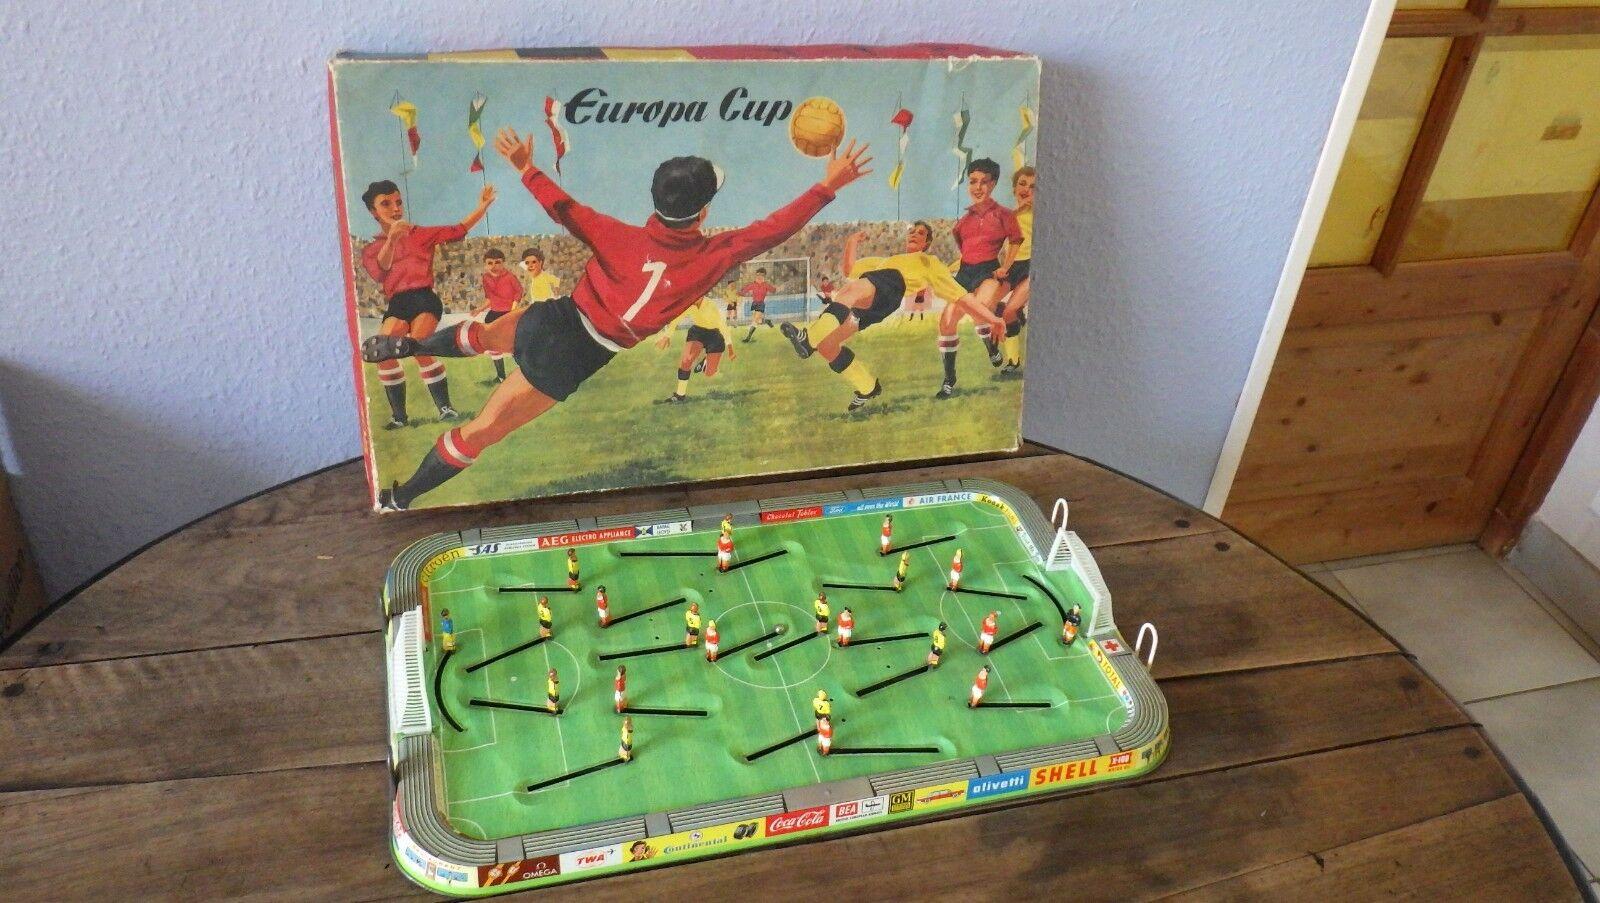 TECHNOFIX circa. 1965 EUROPA CUP Football Game + Boite     Bel etat VGC 0741ee